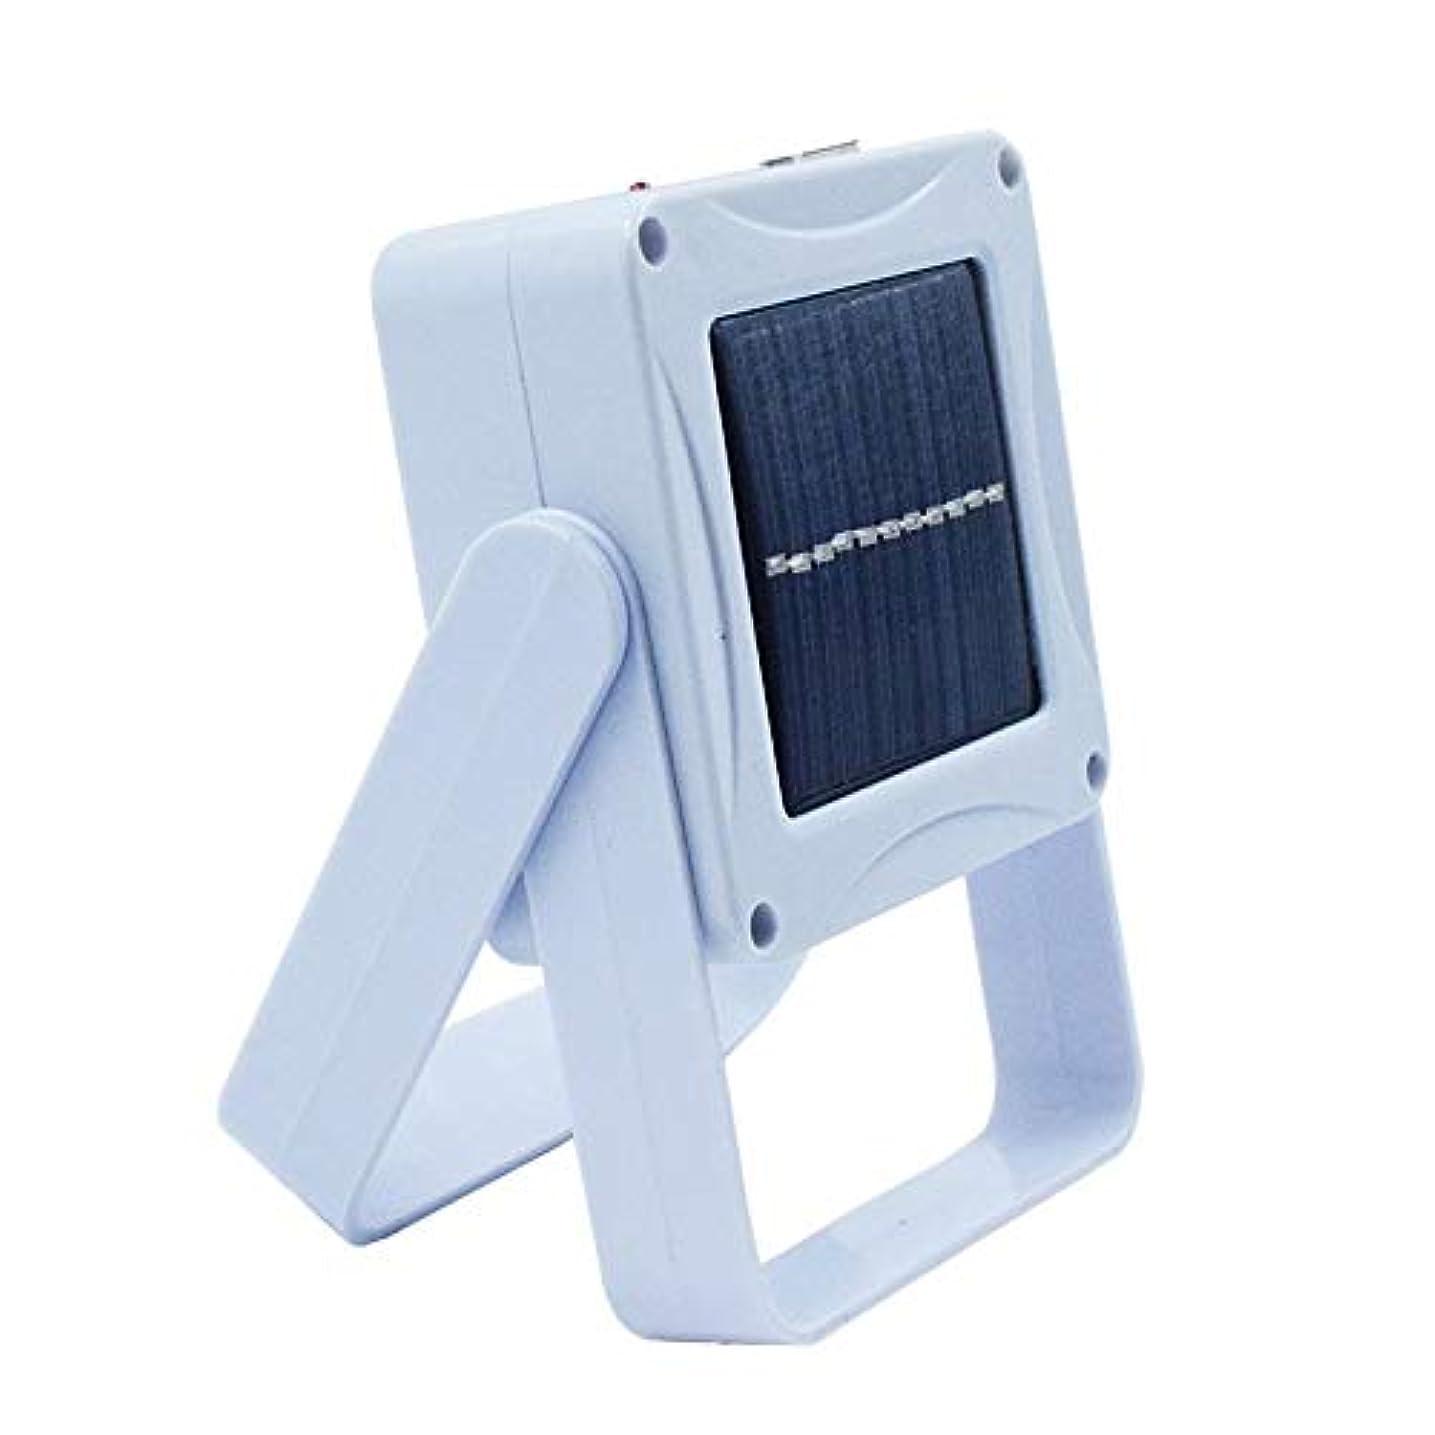 禁止するシロナガスクジラなるShiMin ソーラーライト屋外用モーションセンサーライト、高効率ソーラーパネル付き、防水IP65、広い照射角、設置が簡単、キャンプ用、緊急用、中庭、携帯用照明